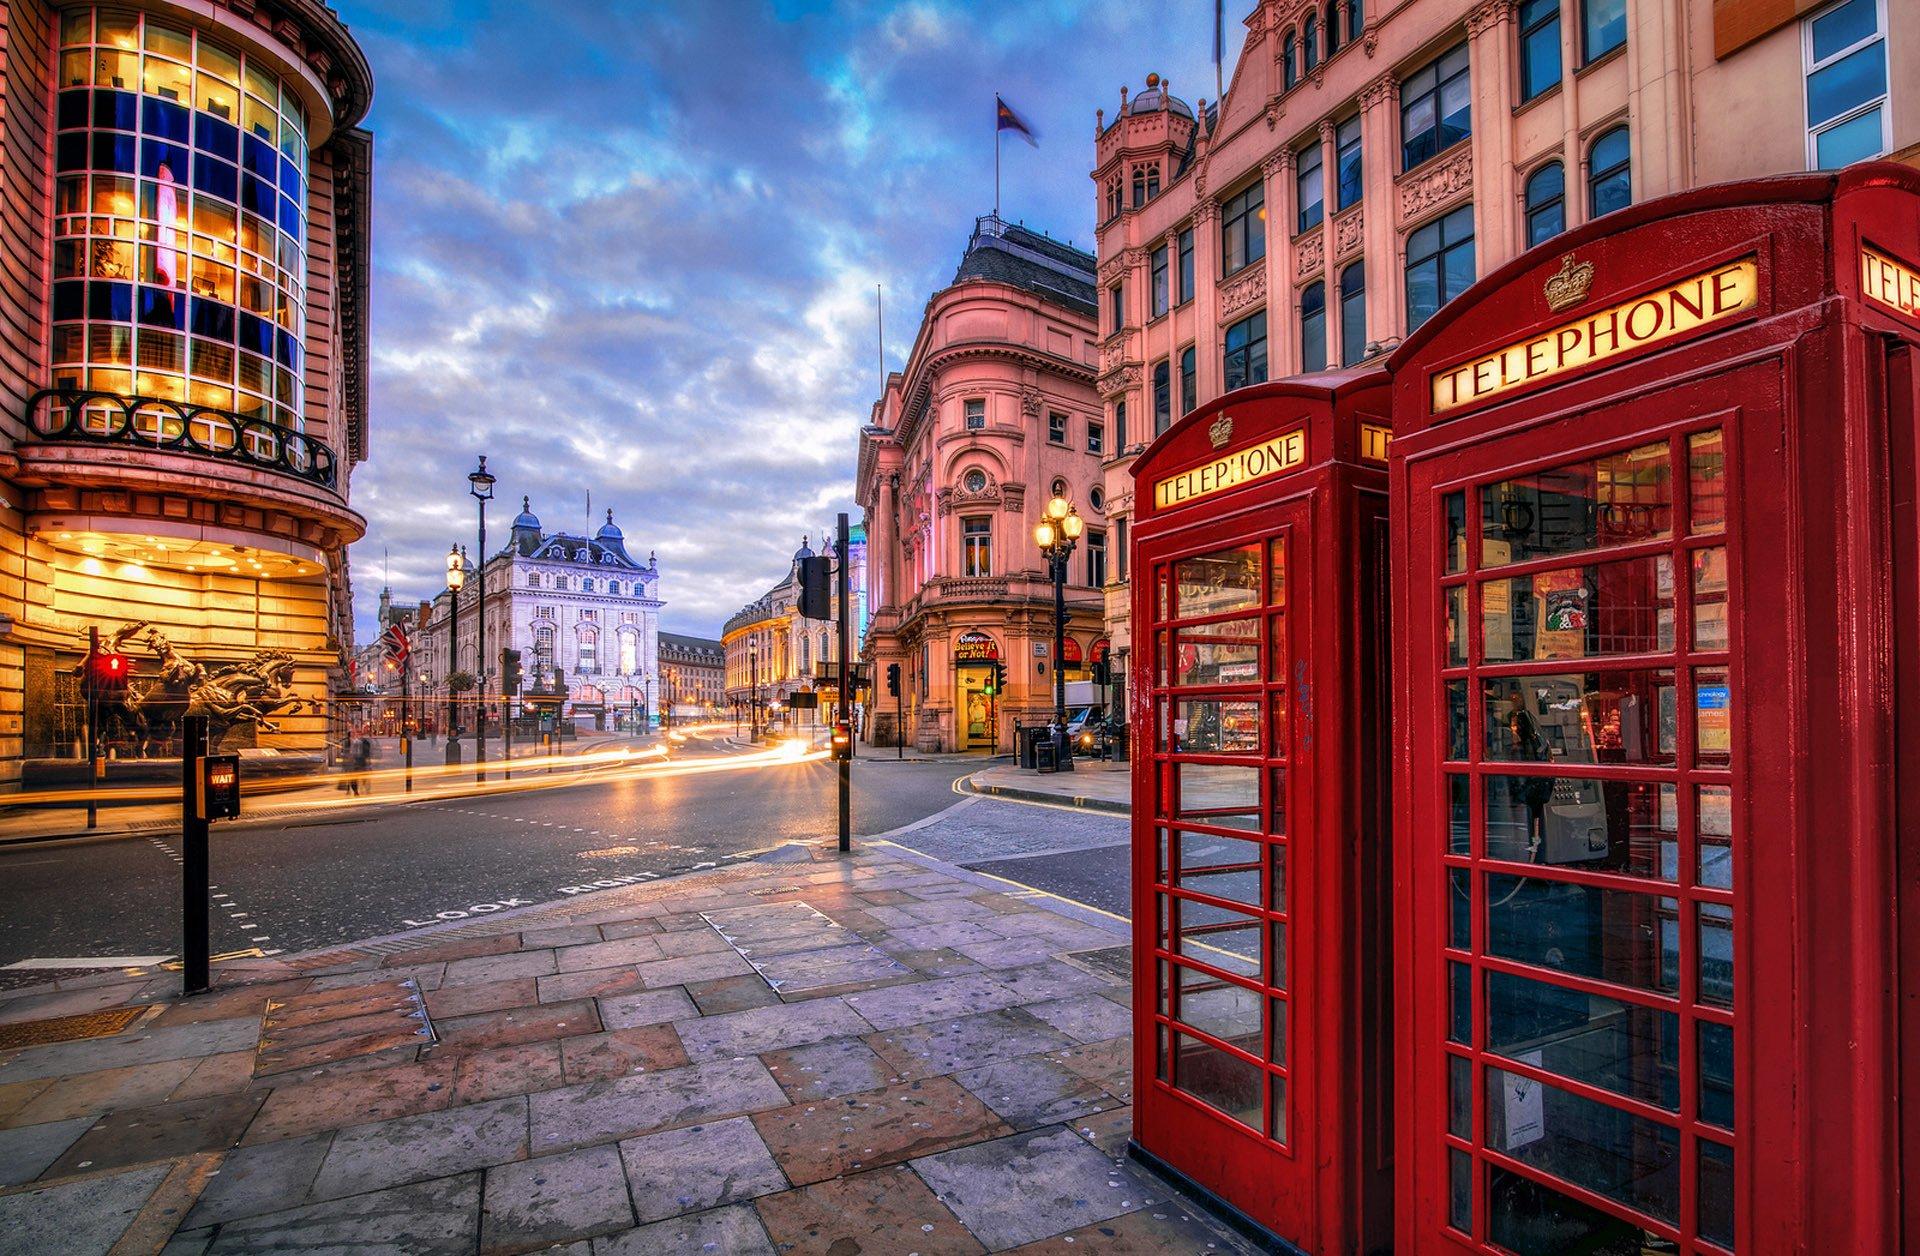 London uk england wallpaper 1920x1256 282010 WallpaperUP 1920x1256